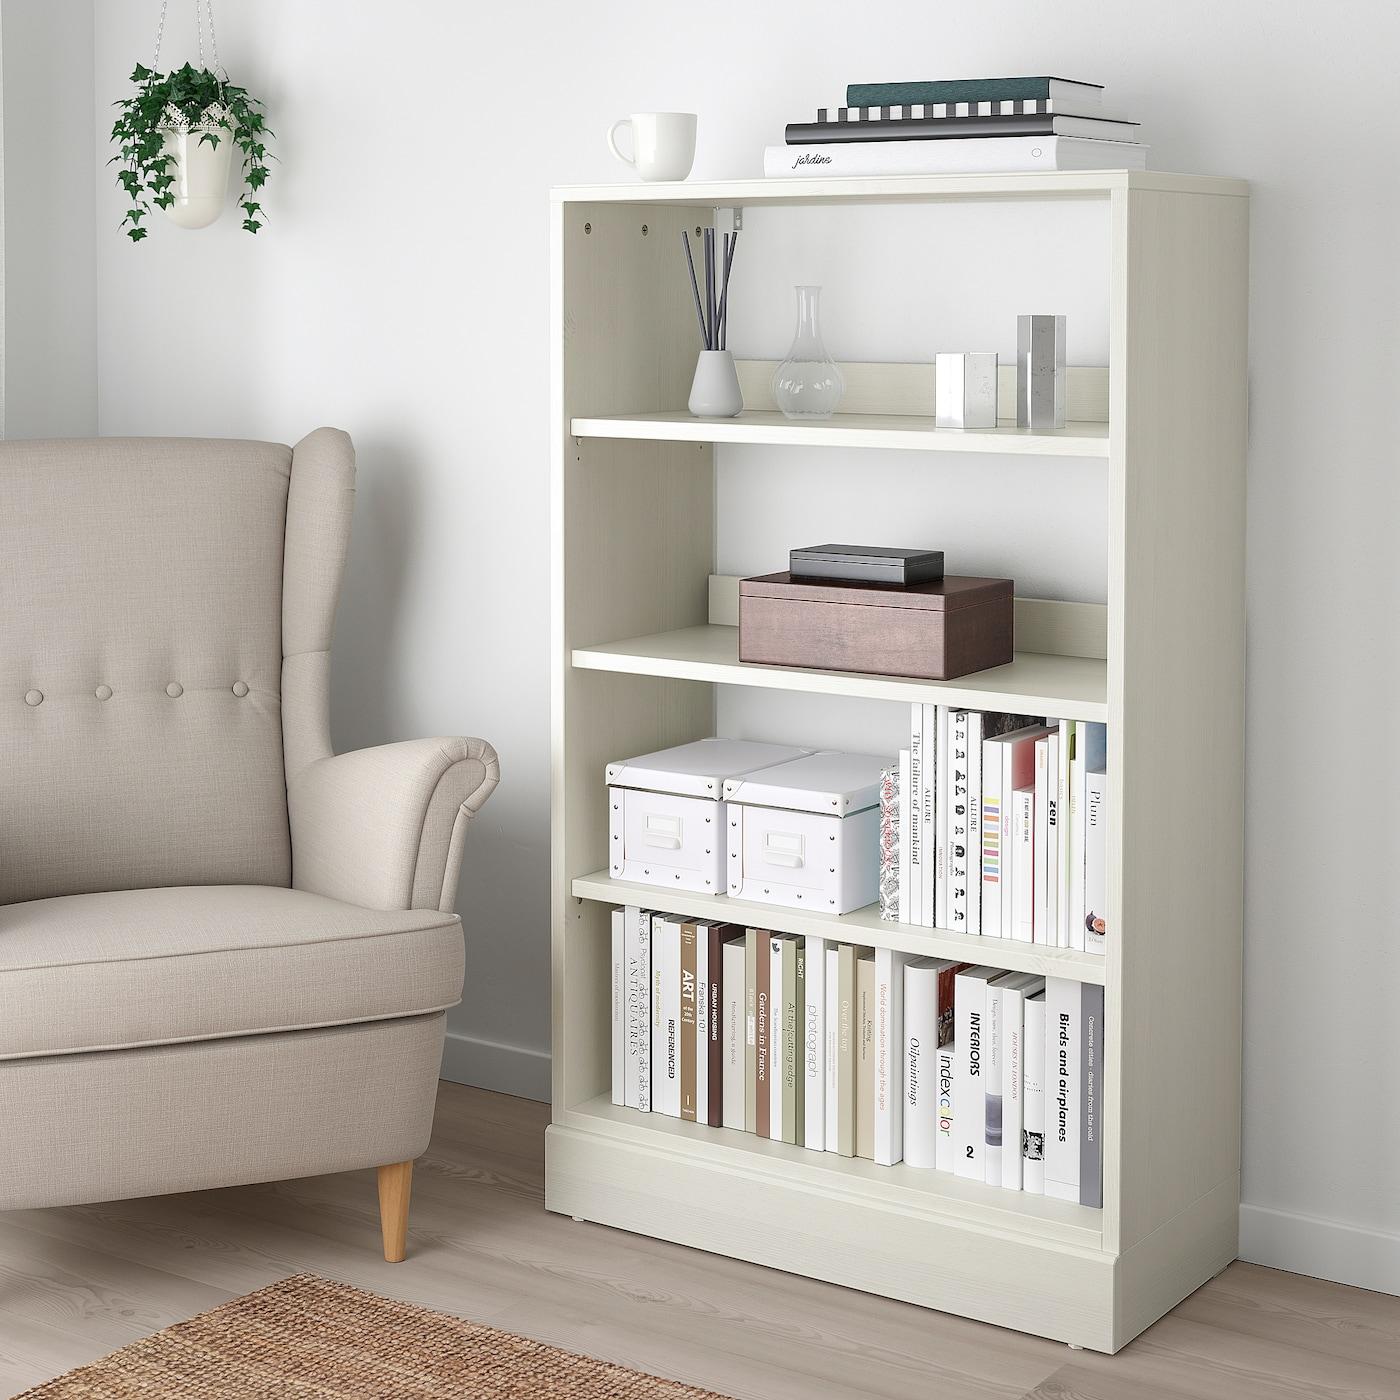 HAVSTA Regal mit Sockel weiß IKEA Österreich